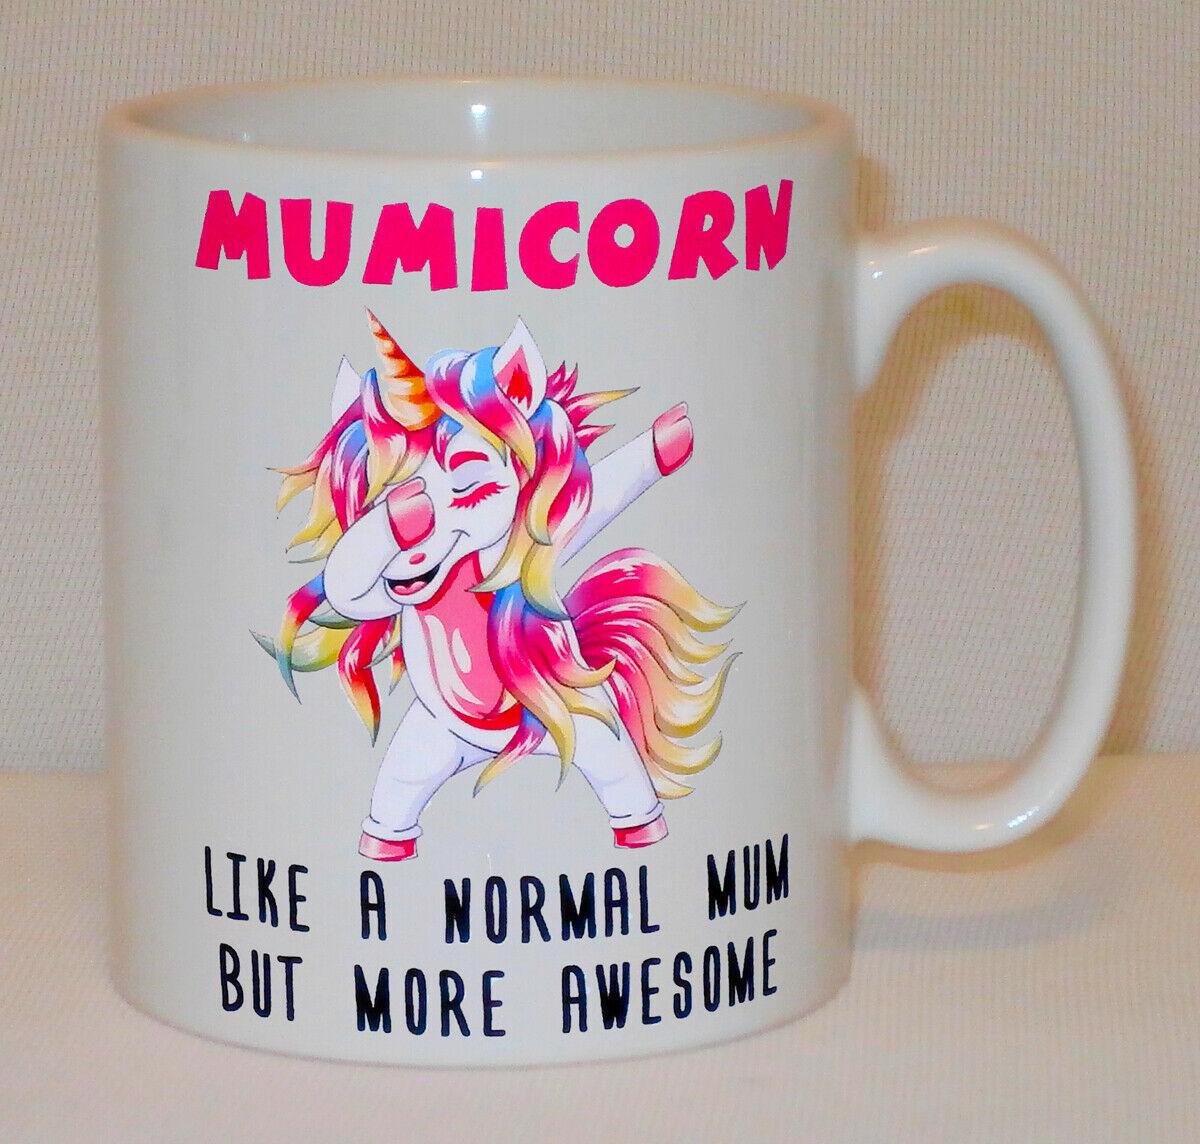 Mumicorn Unicorn Mug Can Personalise Funny Awesome Mum Mummy Mom Christmas Gift image 2